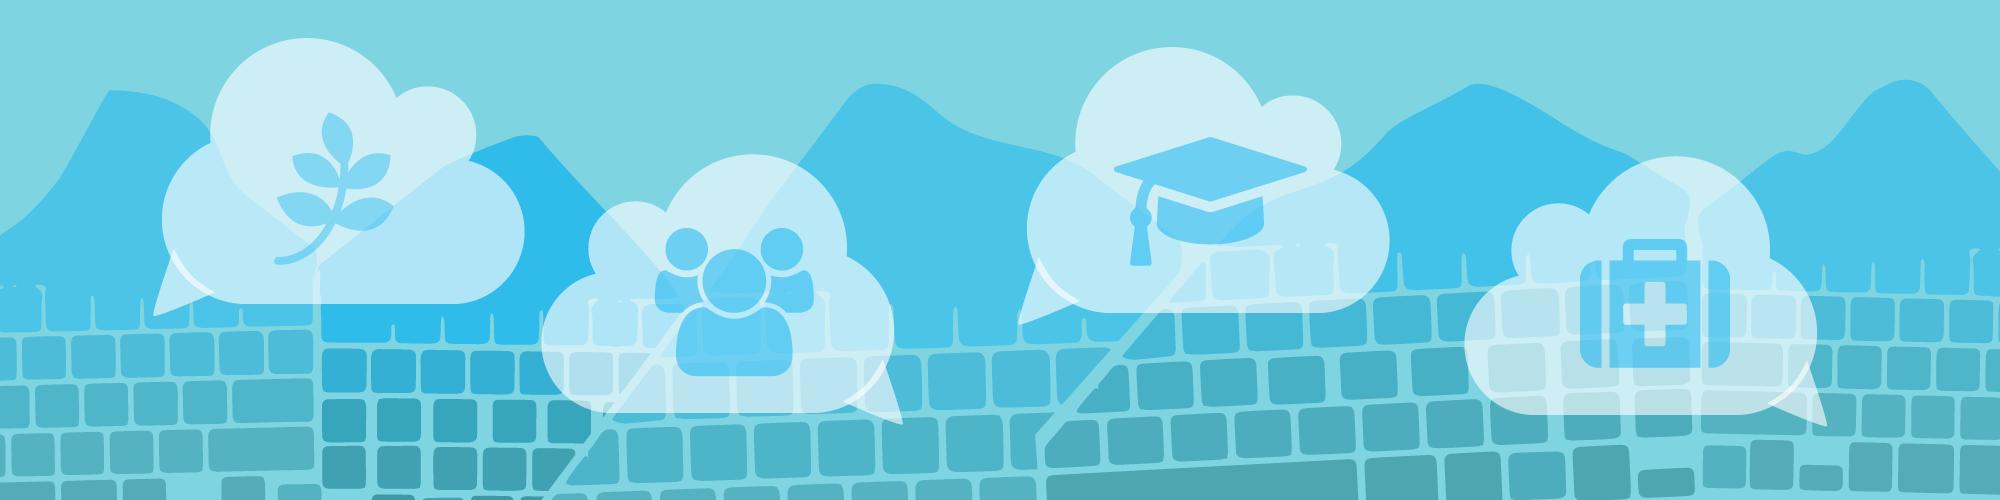 Work, Learn, Live: Online Programs